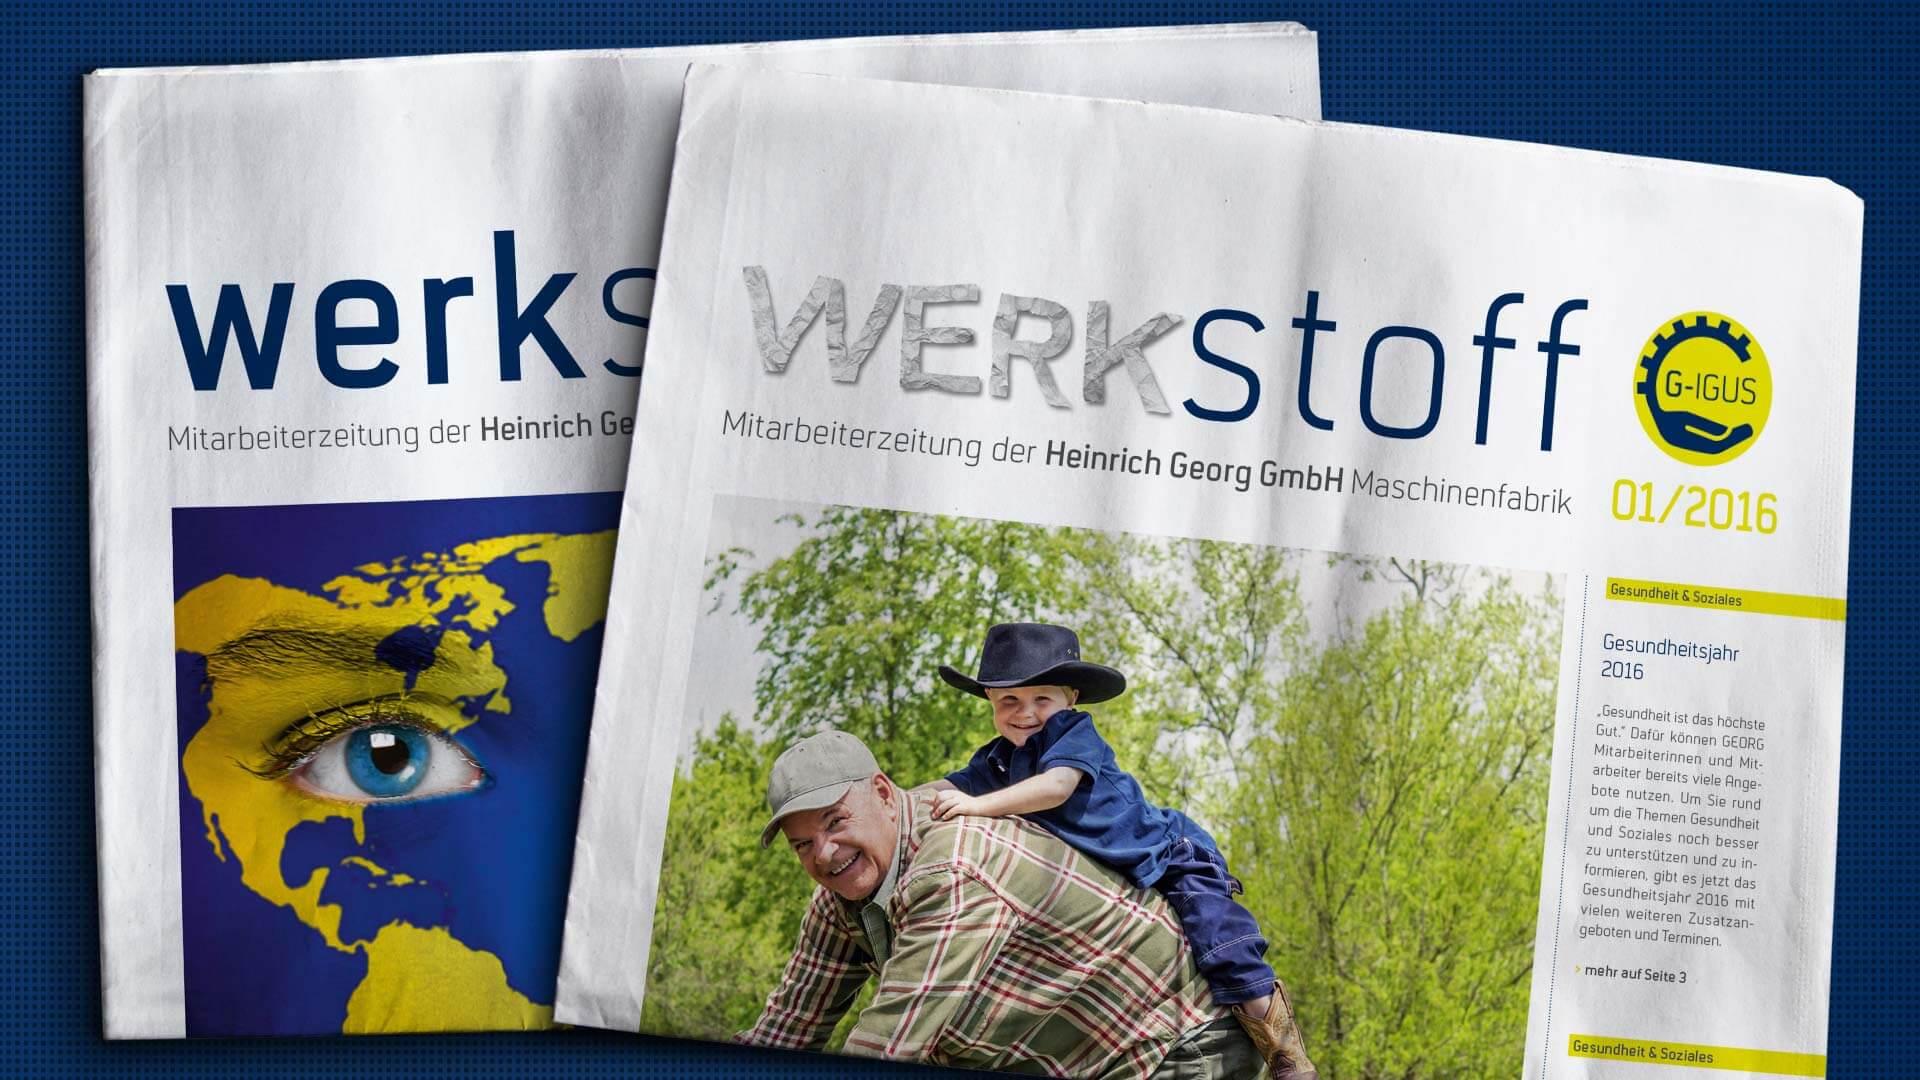 """Referenz: Georg Maschinenfabrik Mitarbeiterzeitschrift """"werkstoff"""" 01/2016"""